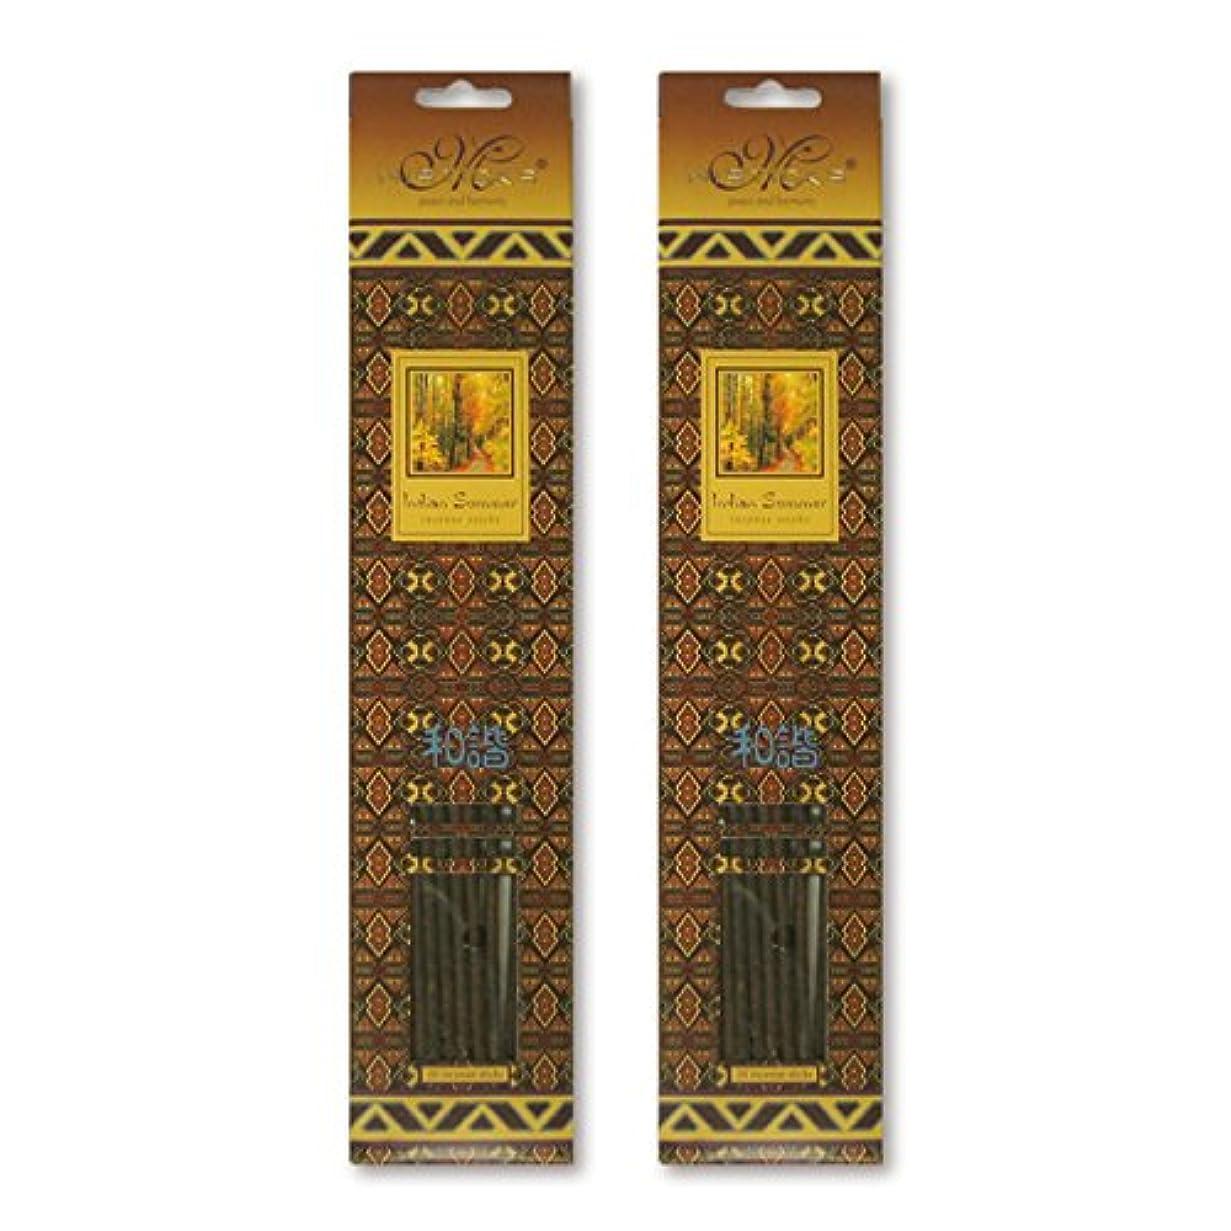 公然とおもてなし典型的なMISTICKS ミスティックス Indian Summer インディアンサマー お香 20本 X 2パック (40本)